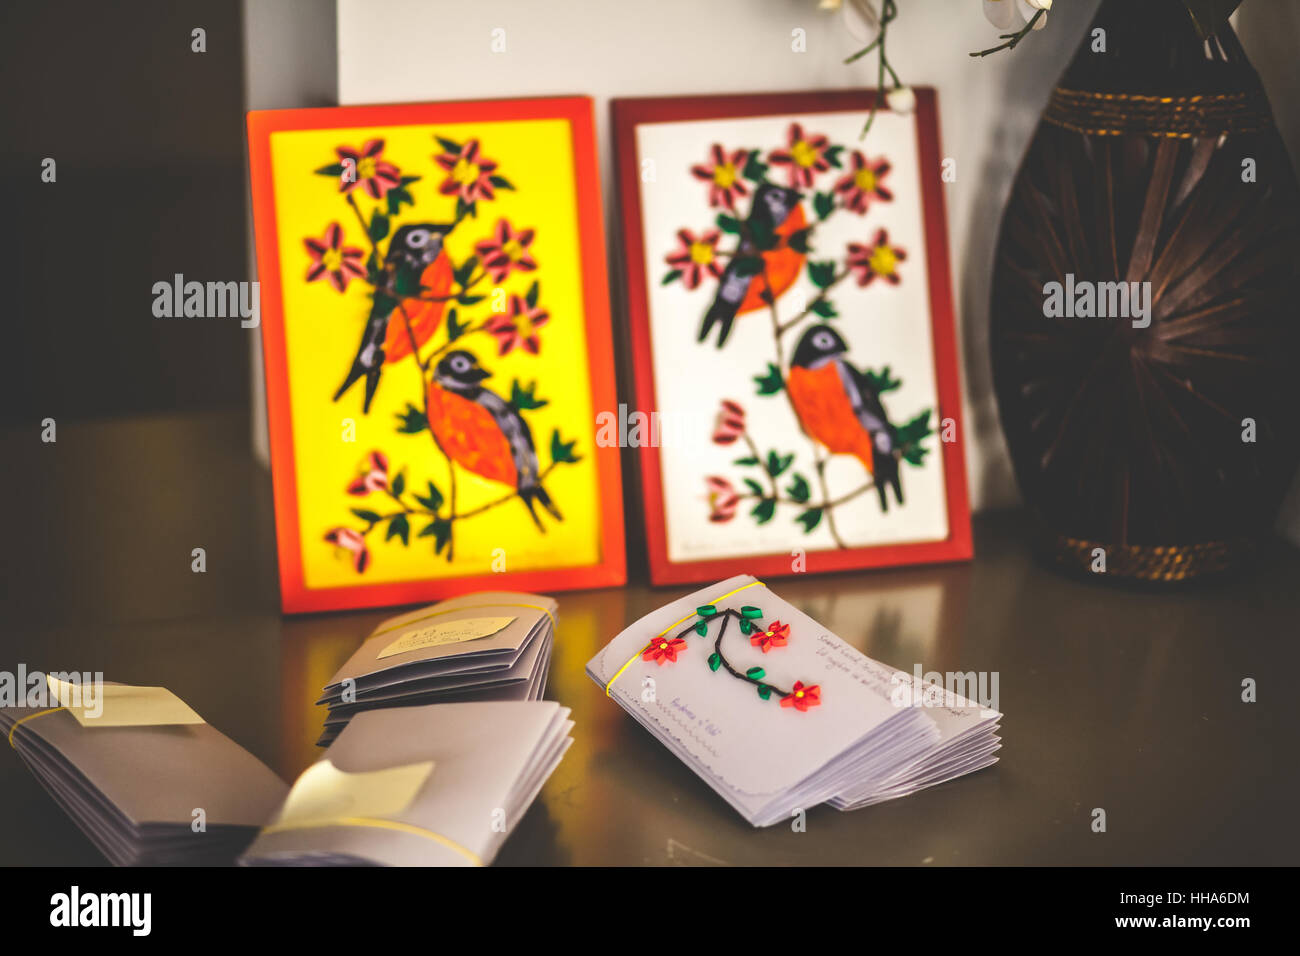 Gemütlich Mit Papier Quilling Fotorahmen Bilder - Benutzerdefinierte ...